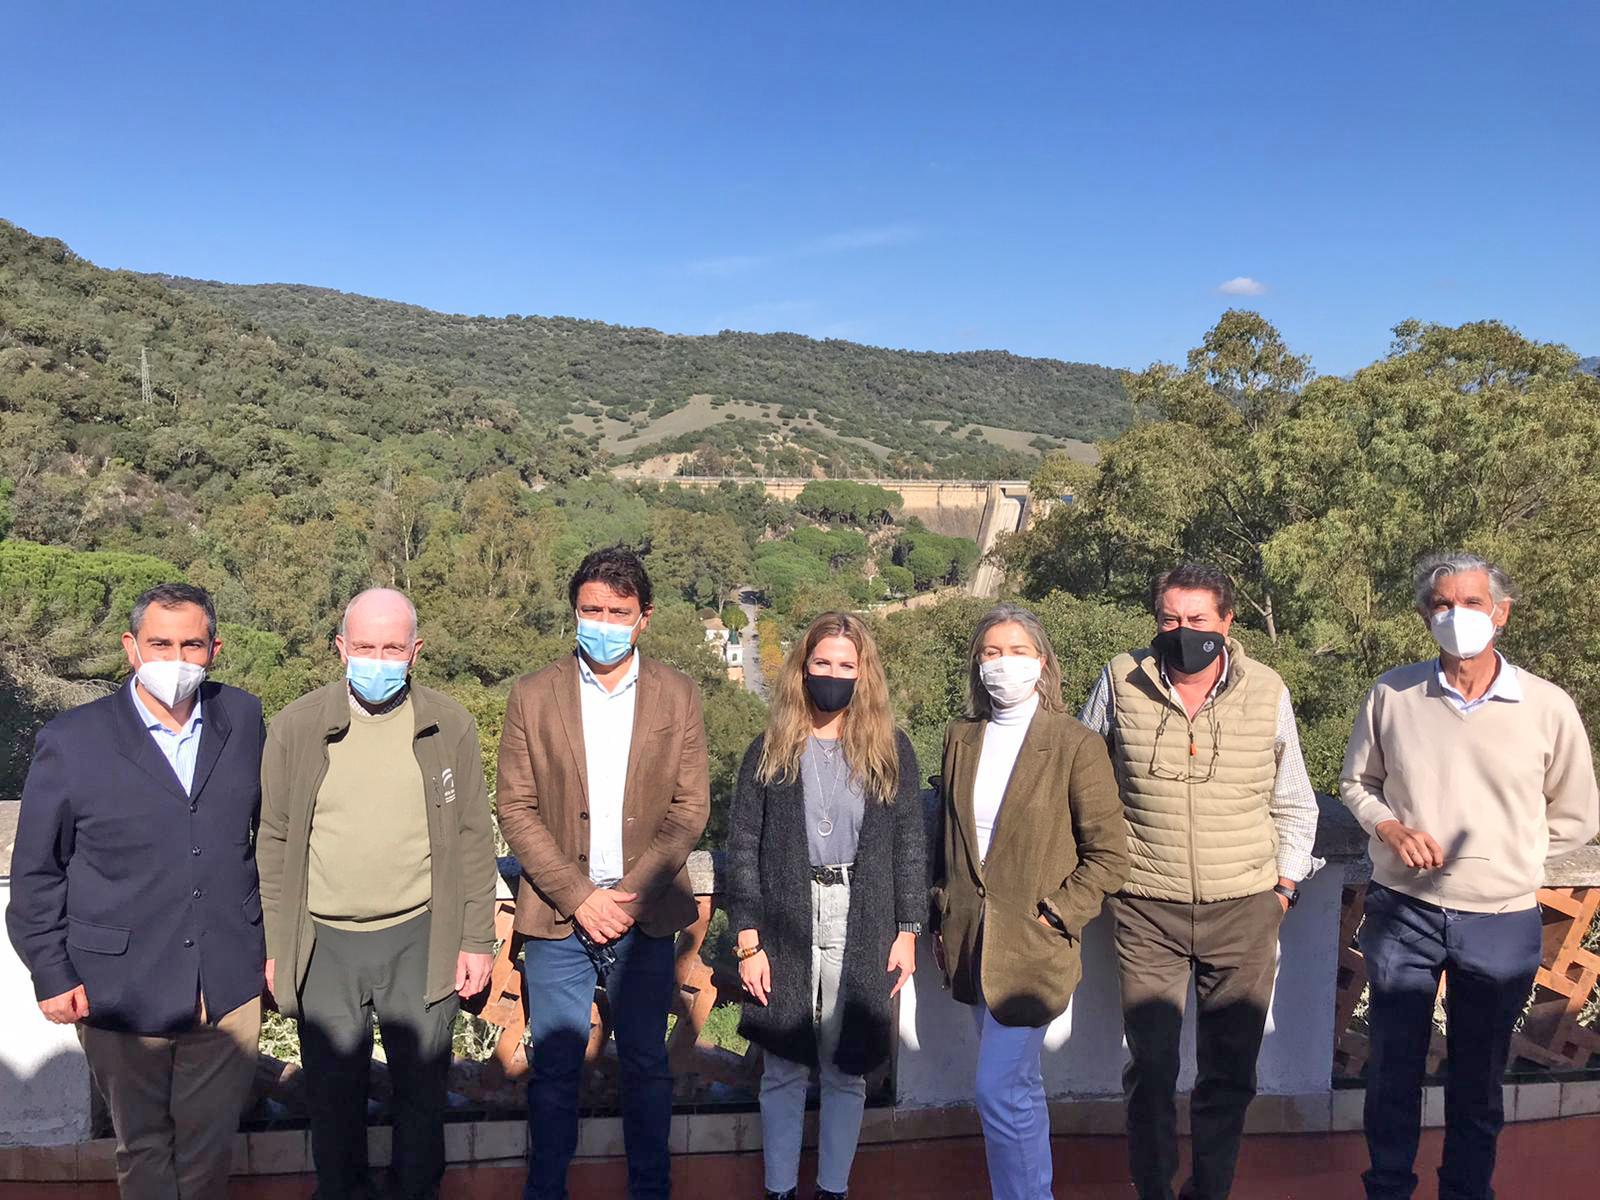 La Junta apuesta por el poblado de Los Hurones como motor socioeconómico